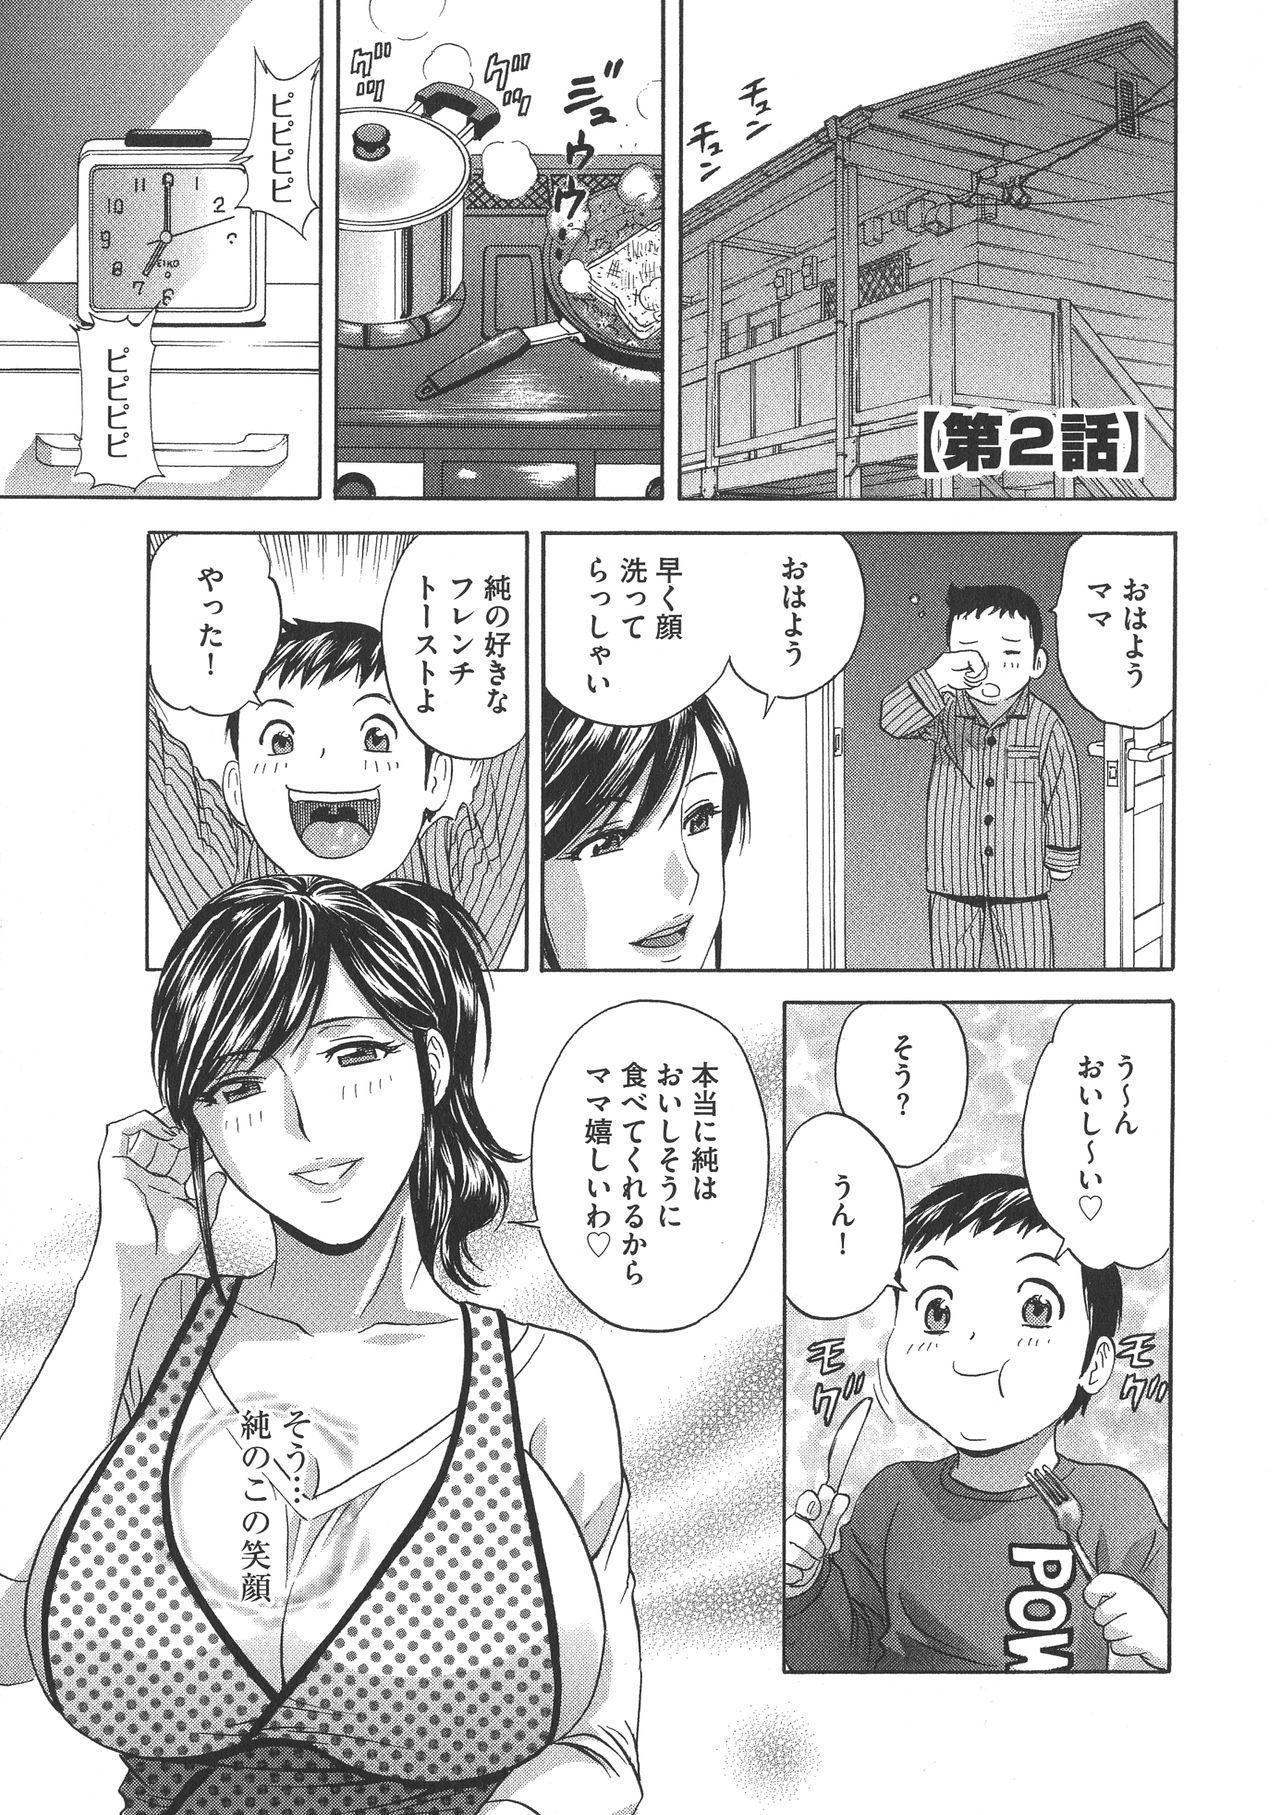 Chijoku ni Modaeru Haha no Chichi… 20